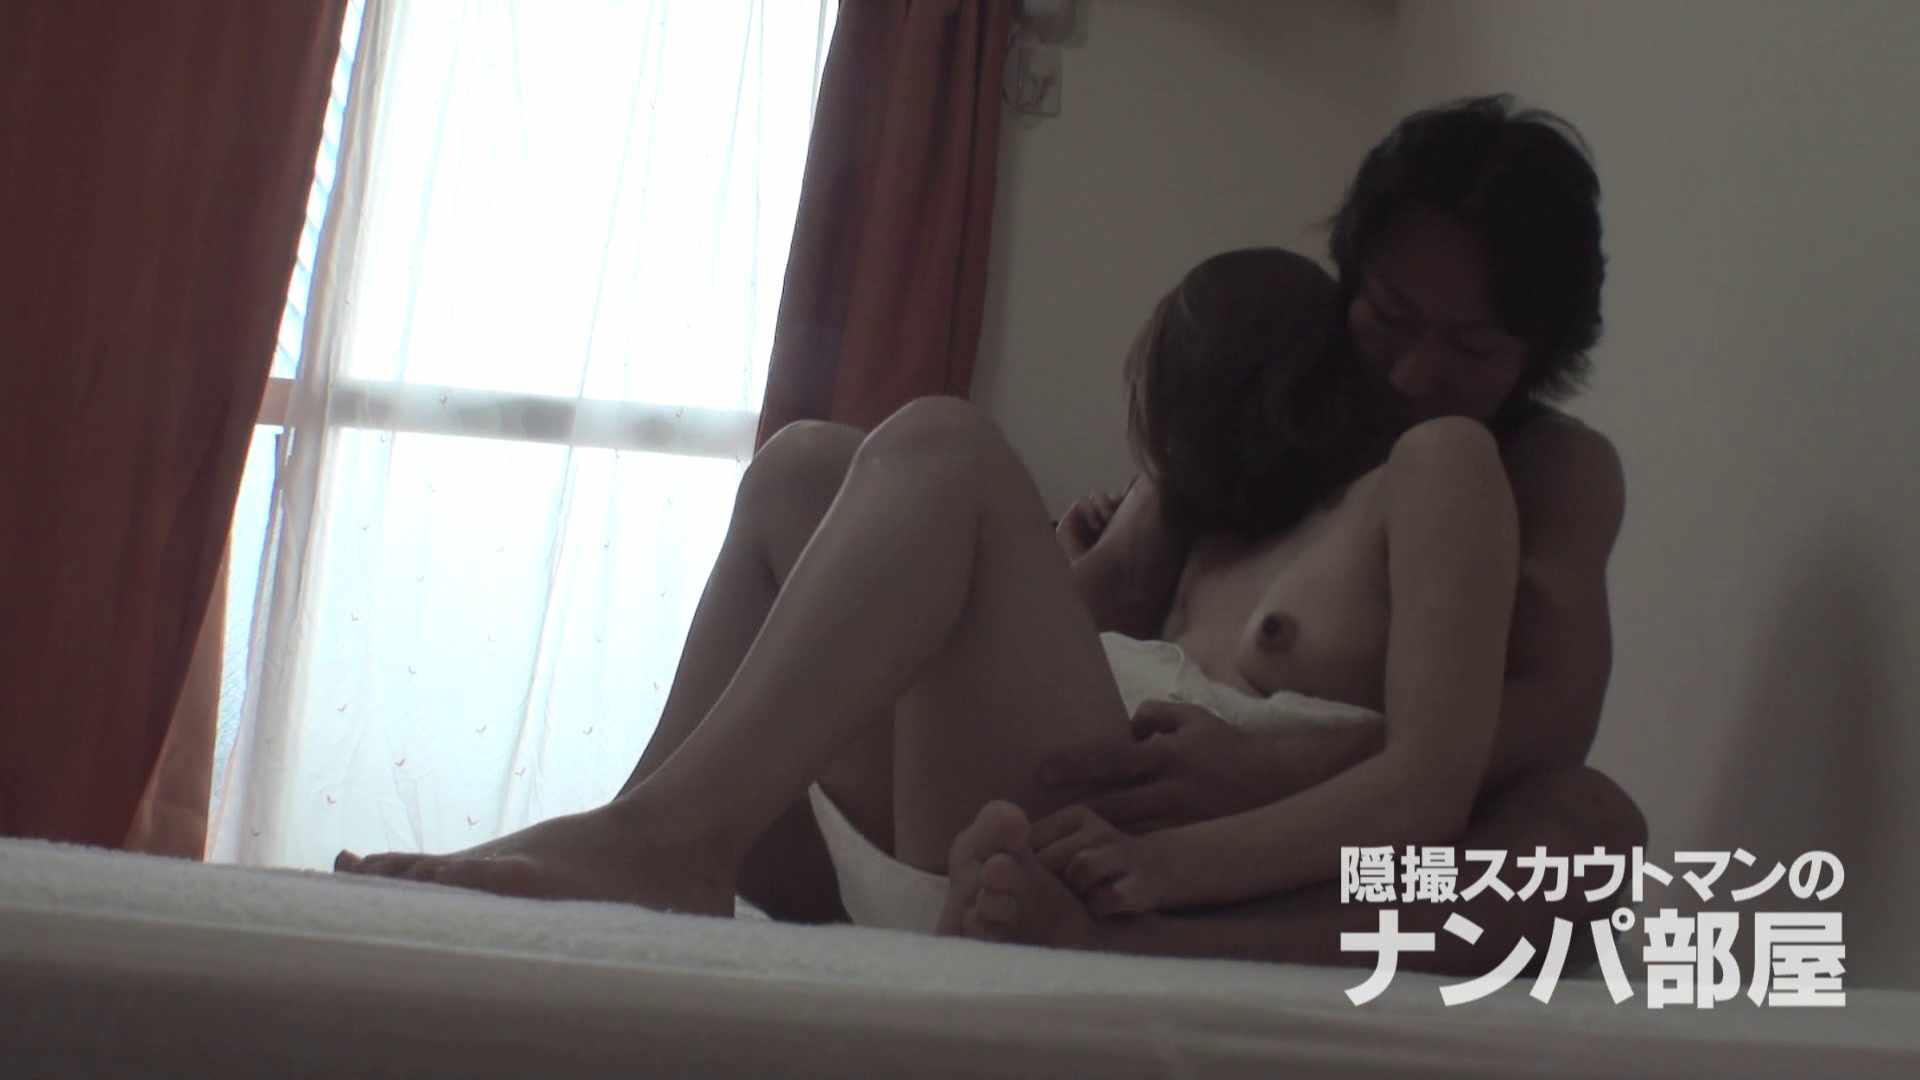 隠撮スカウトマンのナンパ部屋~風俗デビュー前のつまみ食い~ sii 隠撮   ナンパ  98pic 76